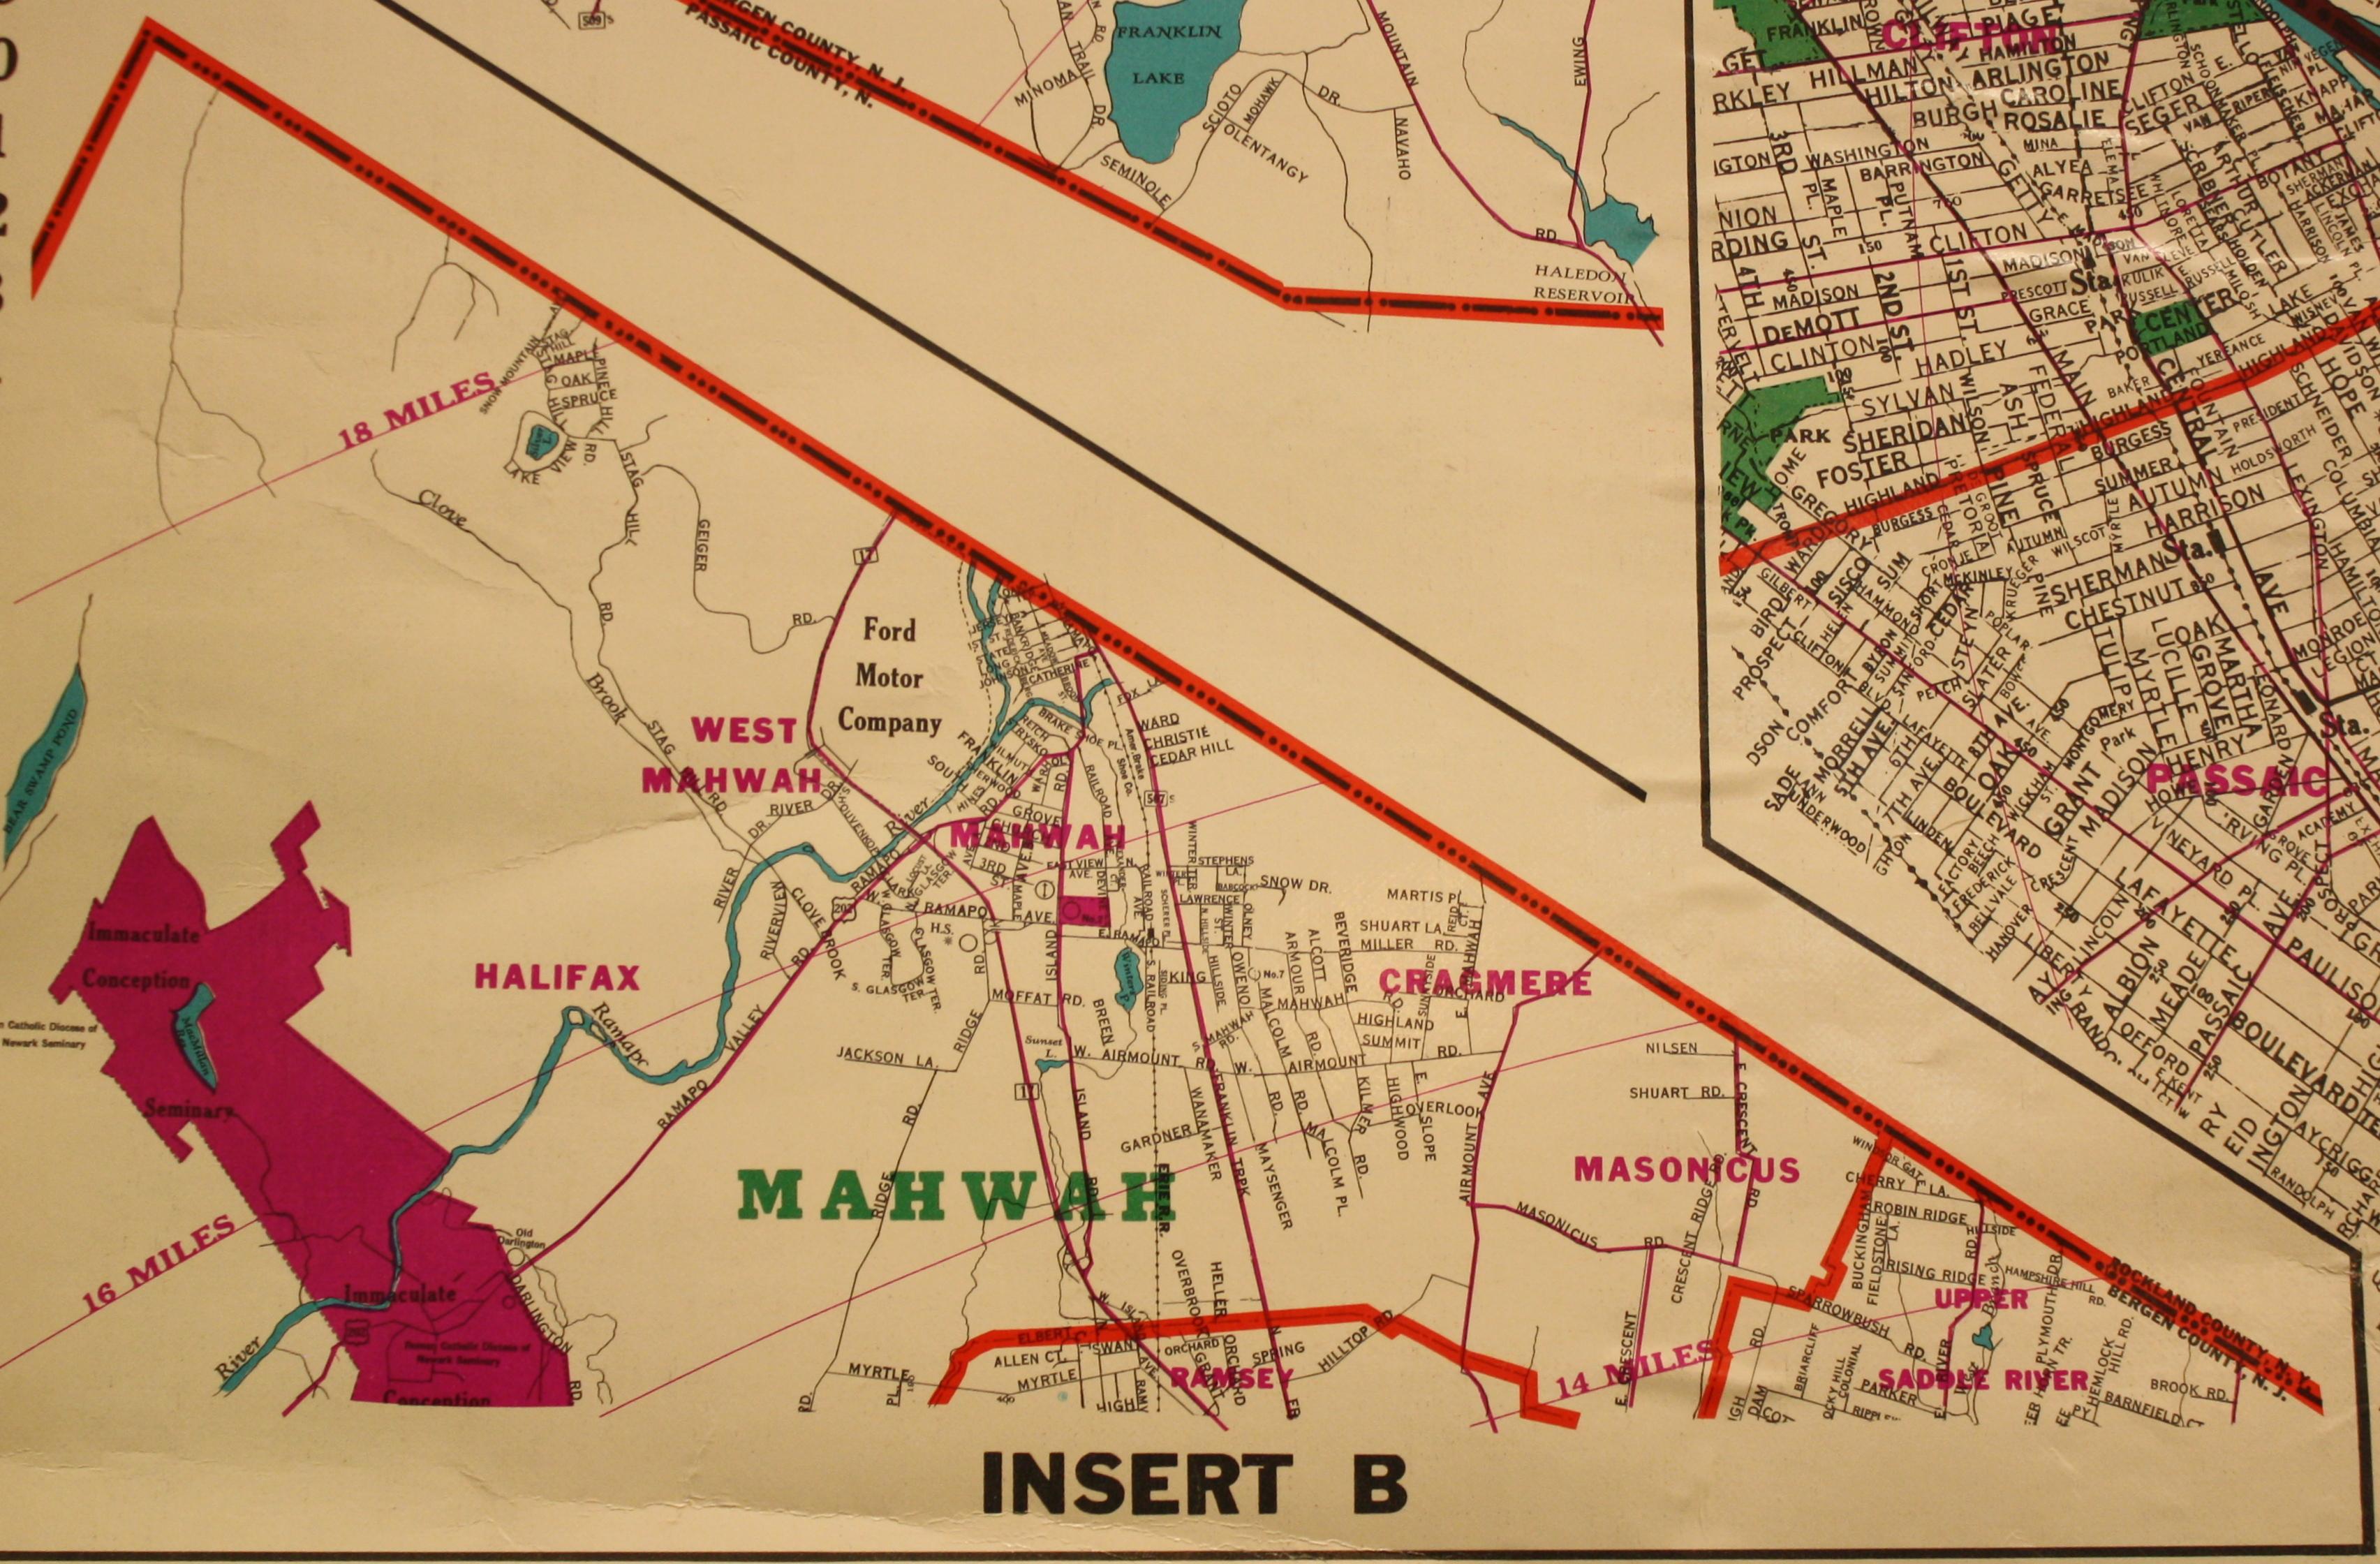 1960 Map of Mahwah